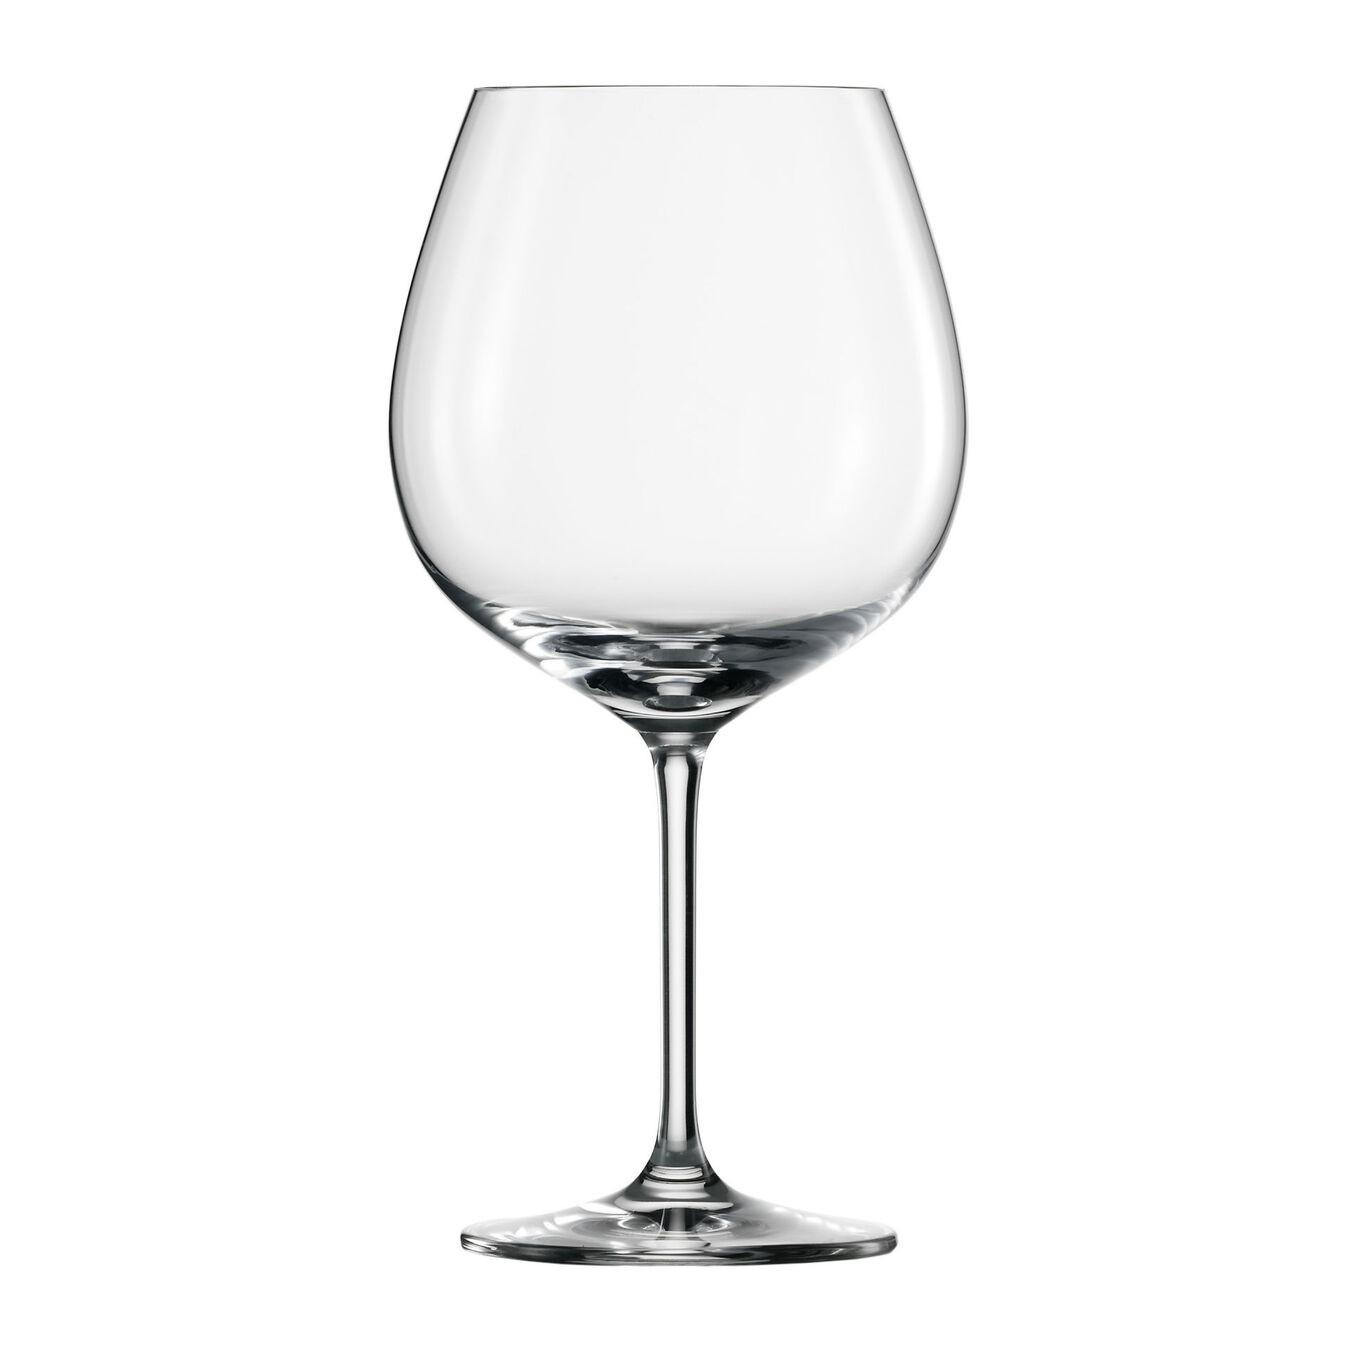 Conjunto Com 6 Taças Para Vinho Borgonha 783 Ml  - Schott-Zwiesel Ivento